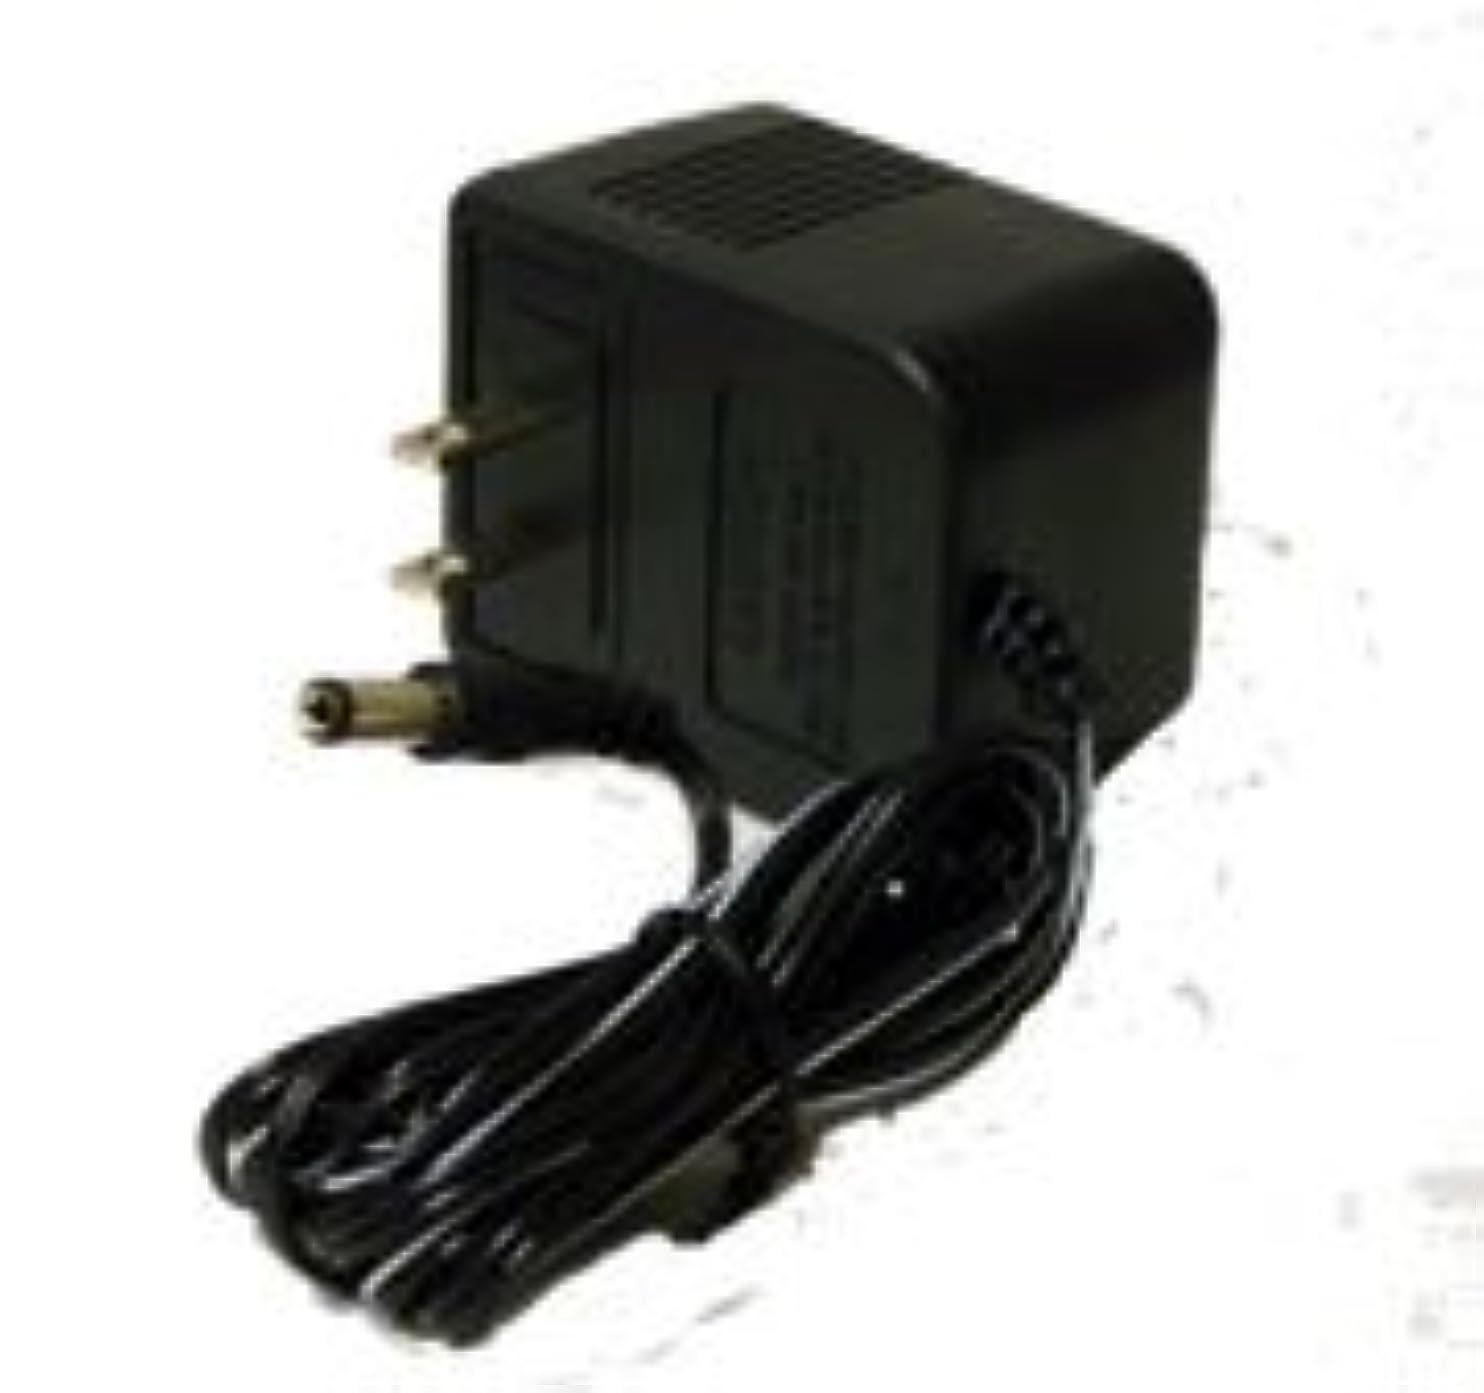 受粉者正当な薬局生活の木 エッセンシャルオイルディフューザー用部品ACアダプター (08-802-1070)